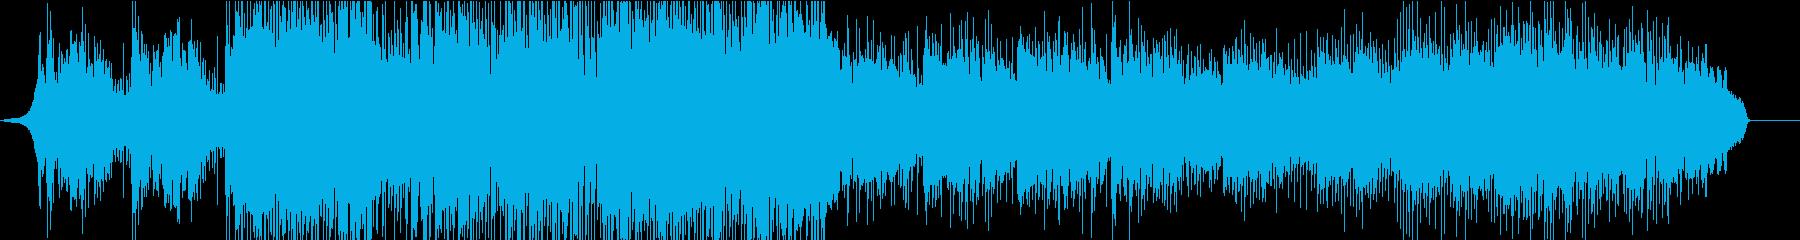 ネイティブ英語UKロック メランコリーの再生済みの波形